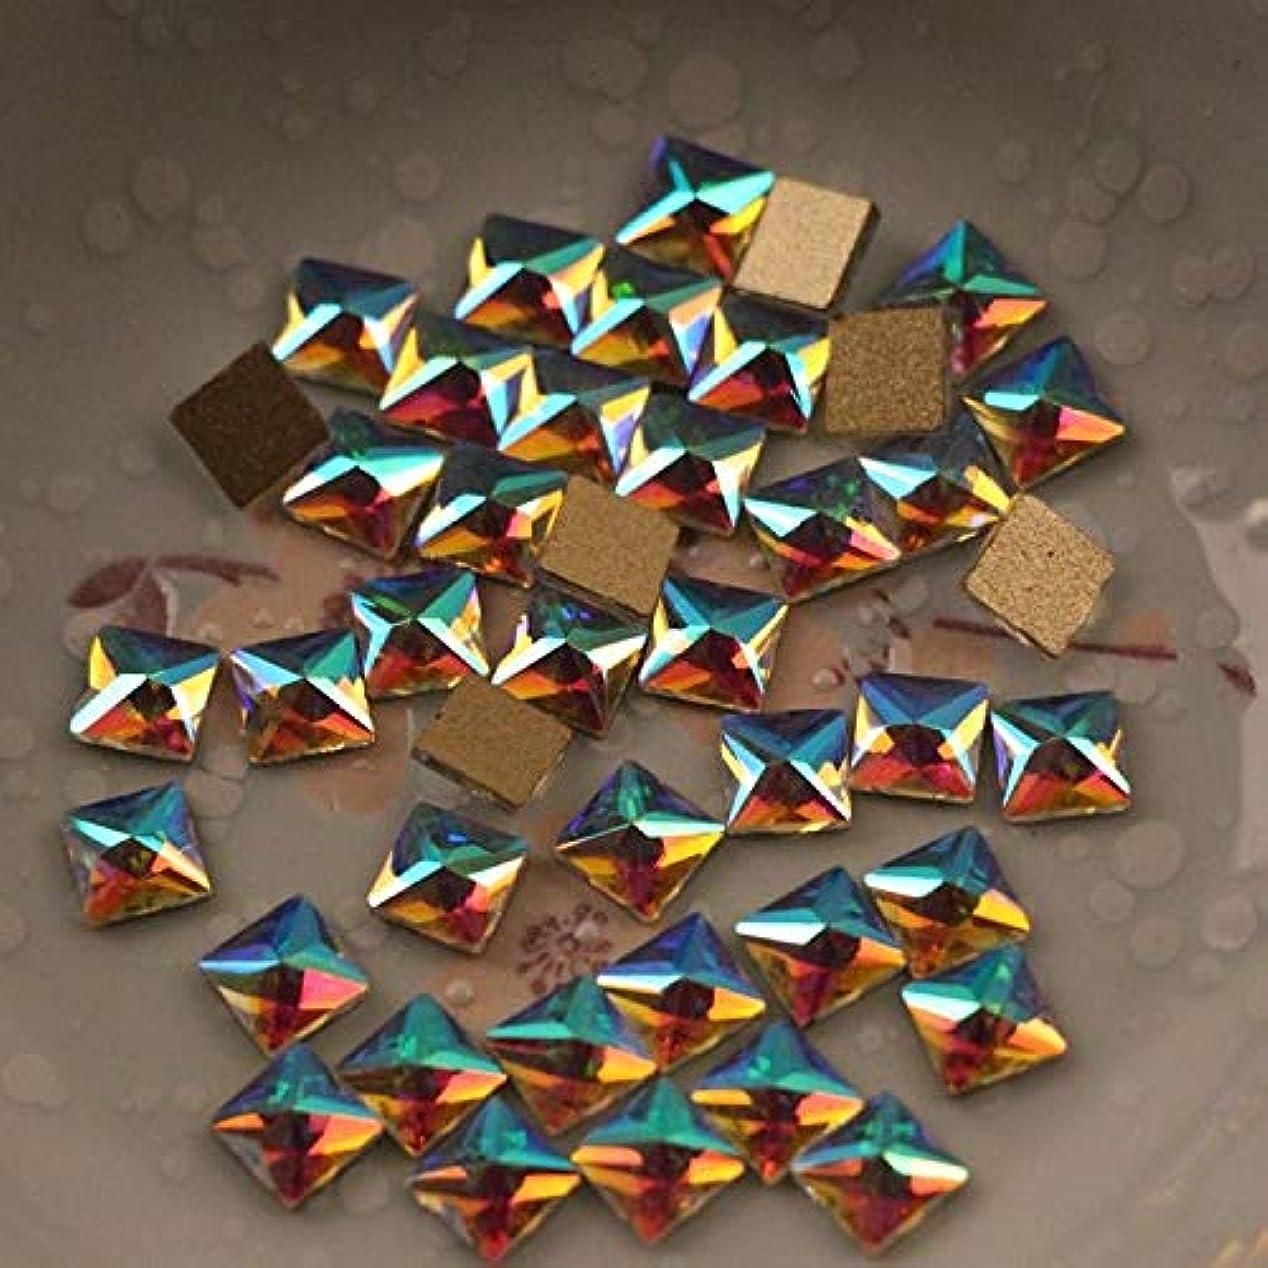 矛盾計算南FidgetGear 50個トップCrystal3Dネイルアートラインストーンフラット型ABチェコクリスタルドライ#04 正方形(6×6mm)